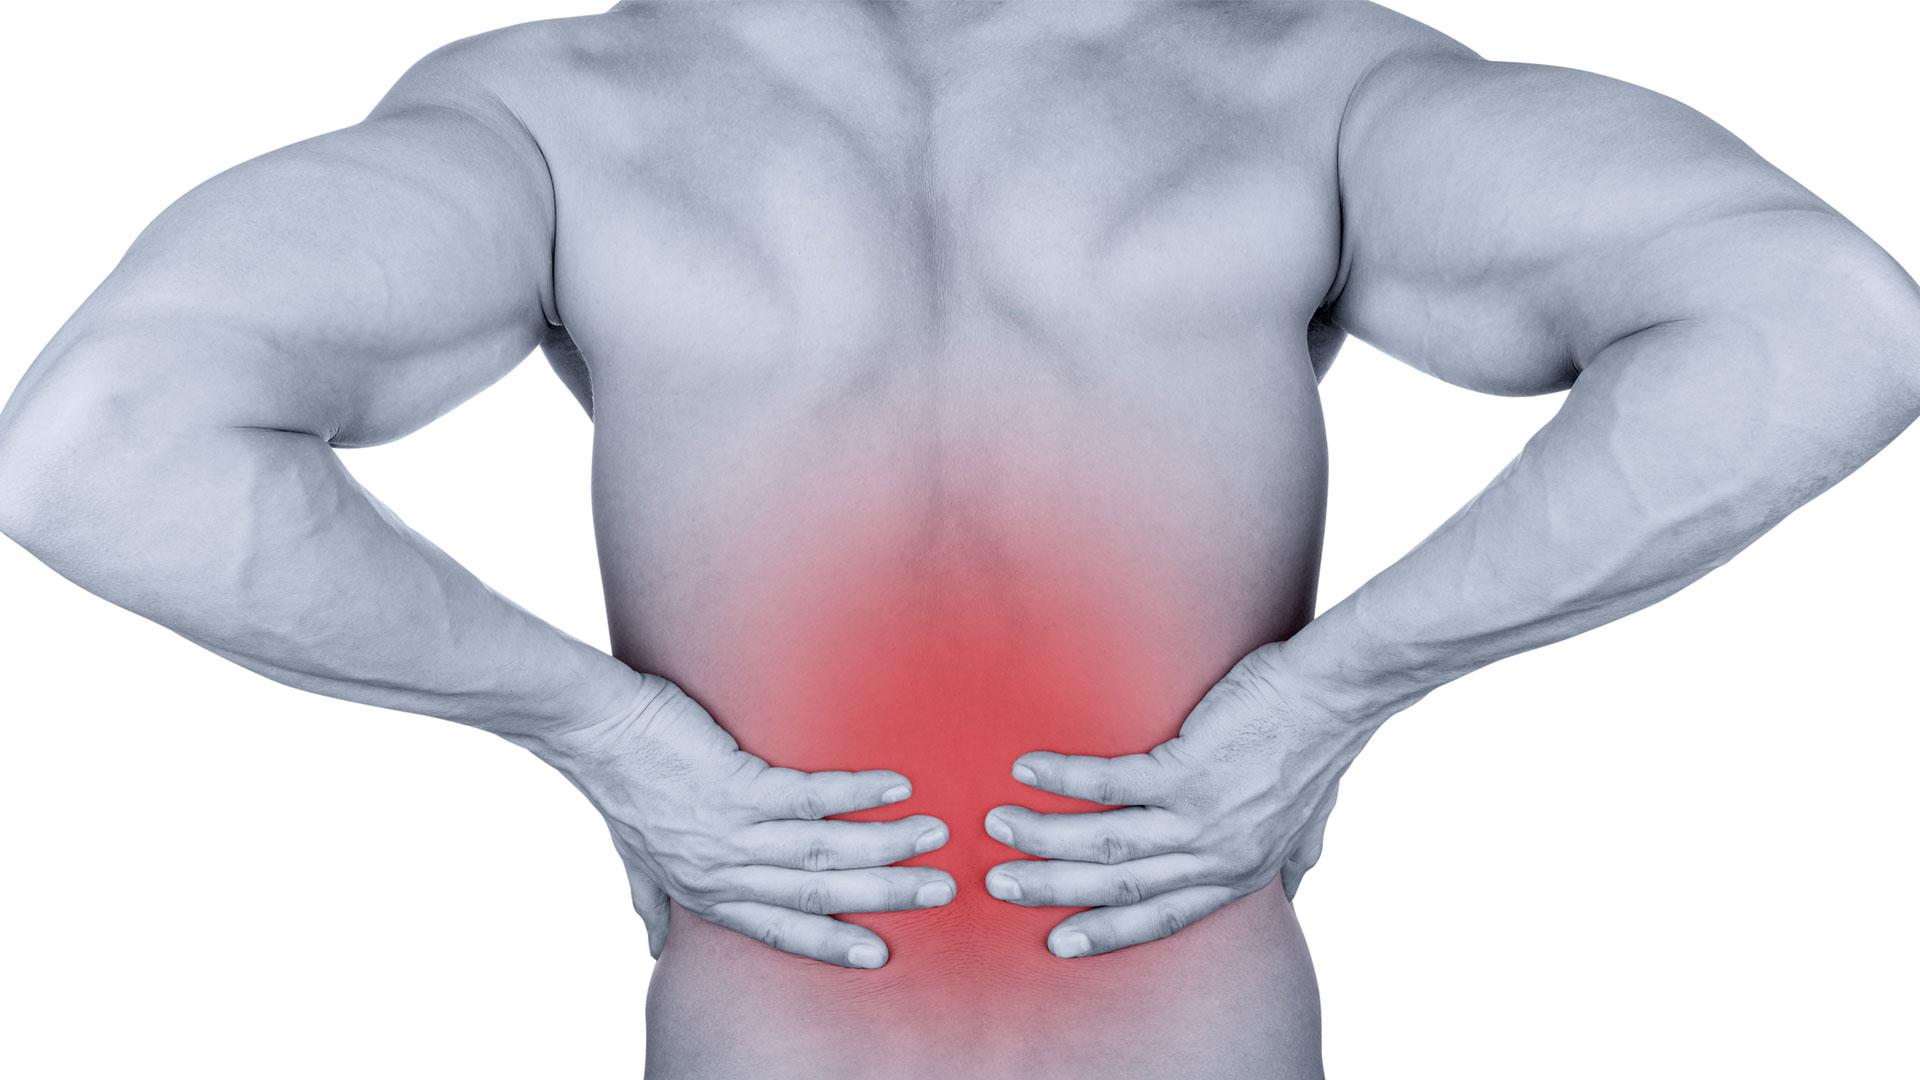 painhealth-low-back-pain-white-bg.jpg